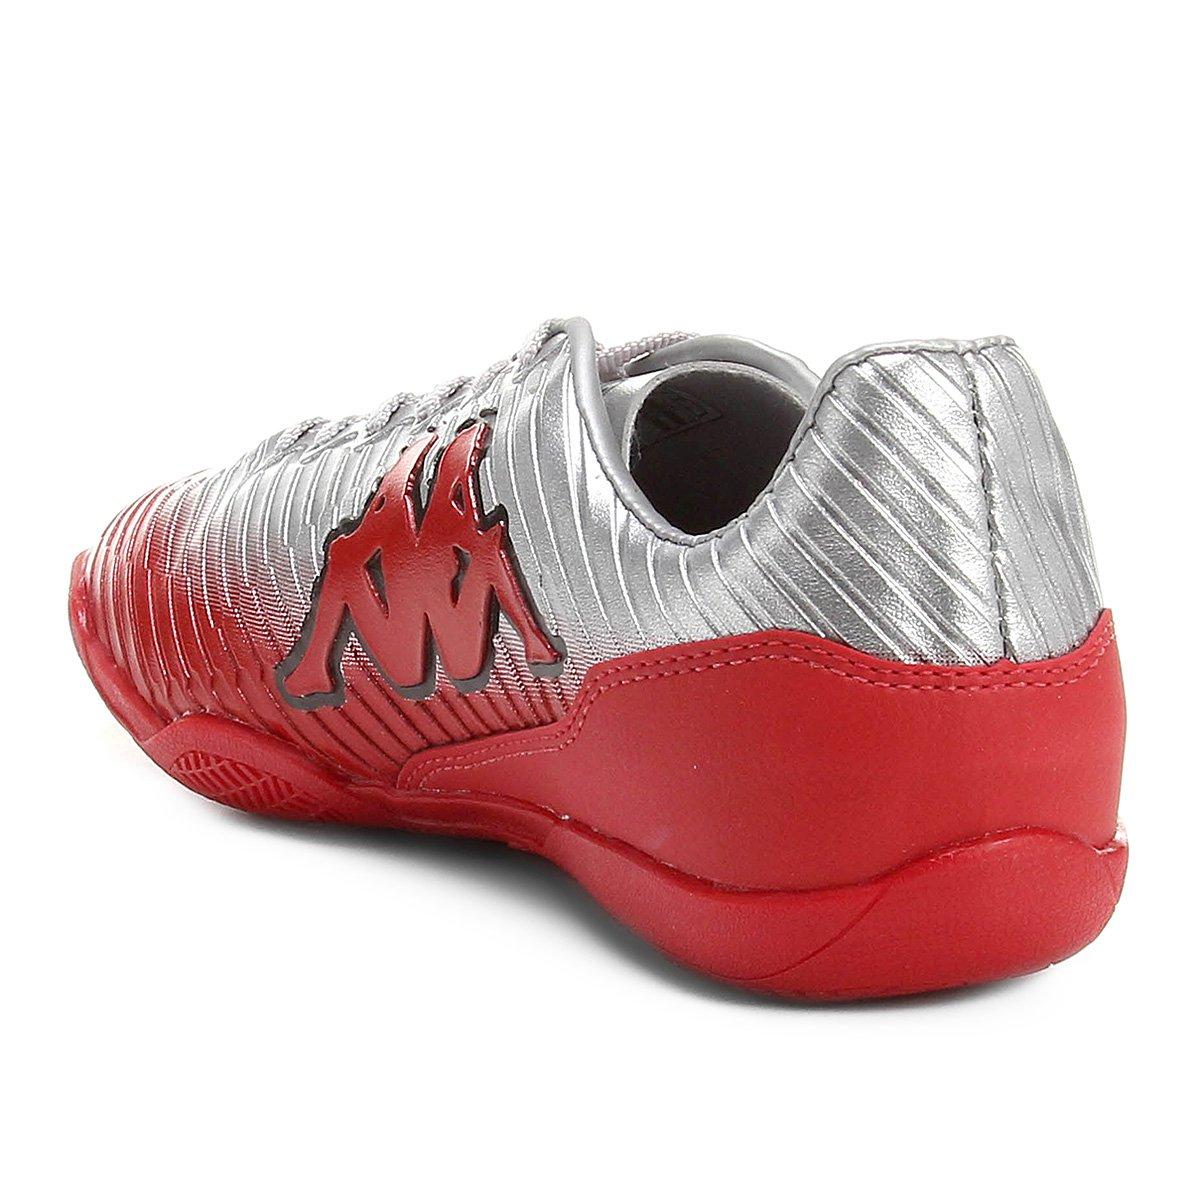 8bb38a114e Chuteira Futsal Kappa Tibre - Cinza e Vermelho - Compre Agora